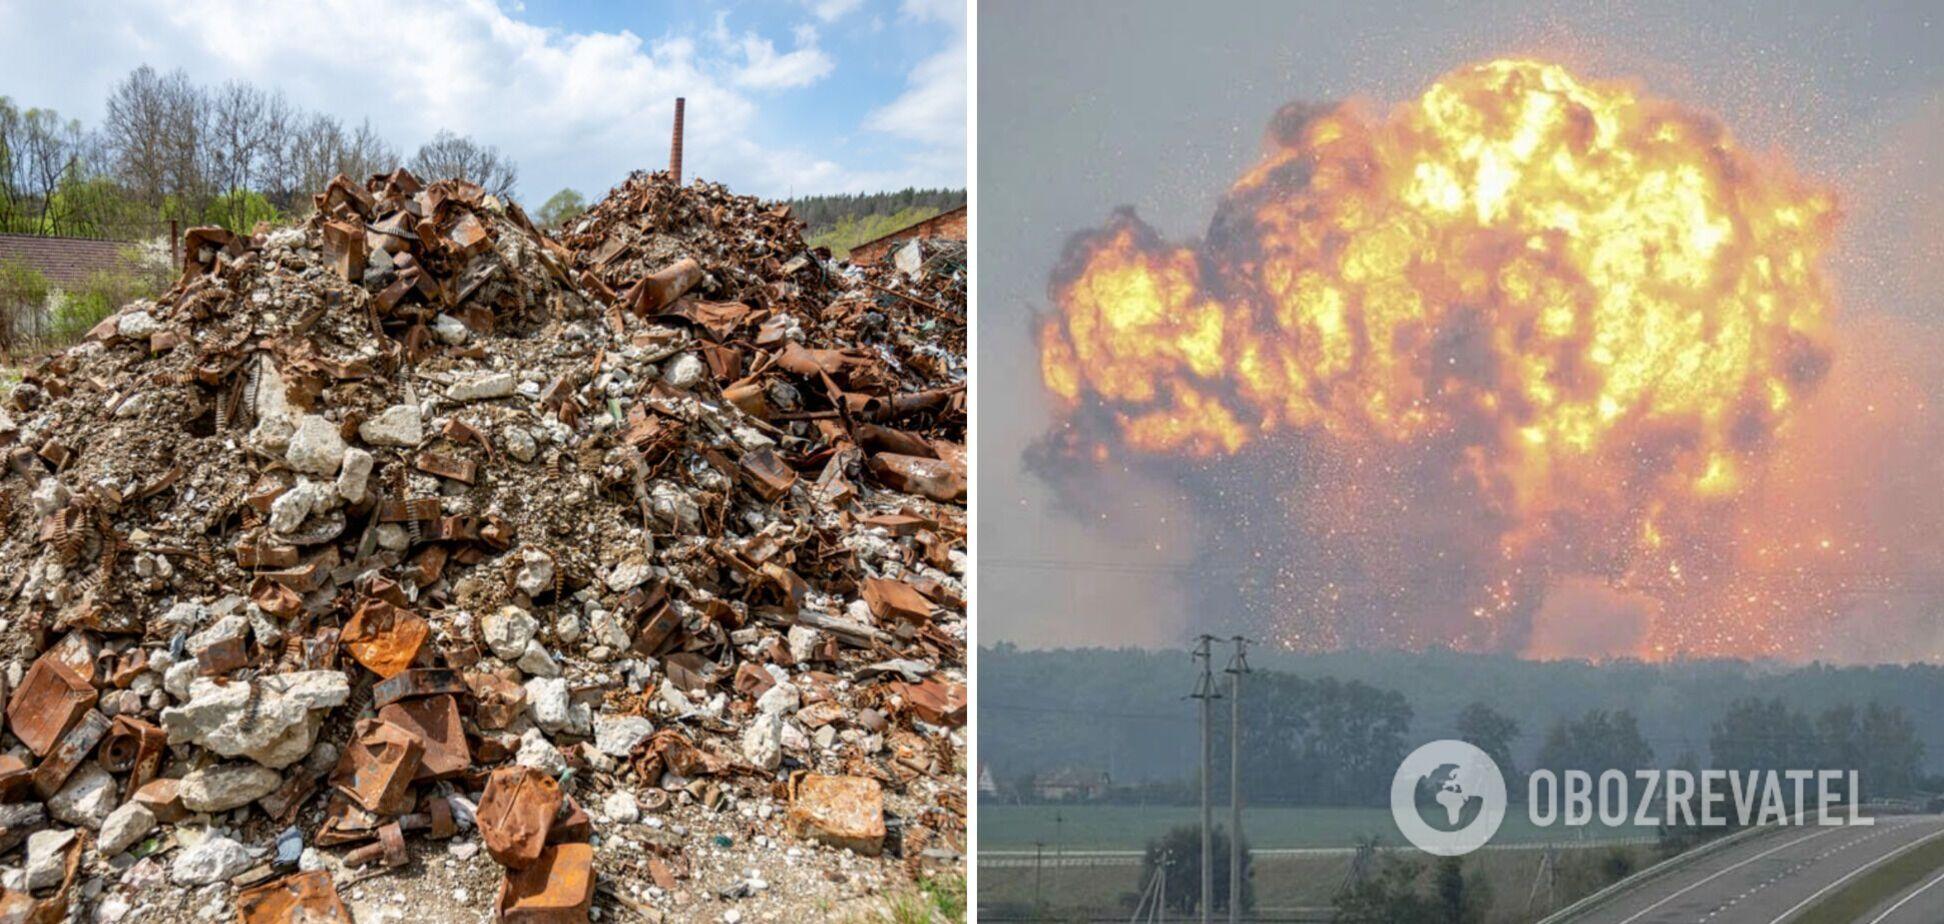 Чехія вимагає від Росії 25,5 млн євро компенсації за вибухи у Врбетіце